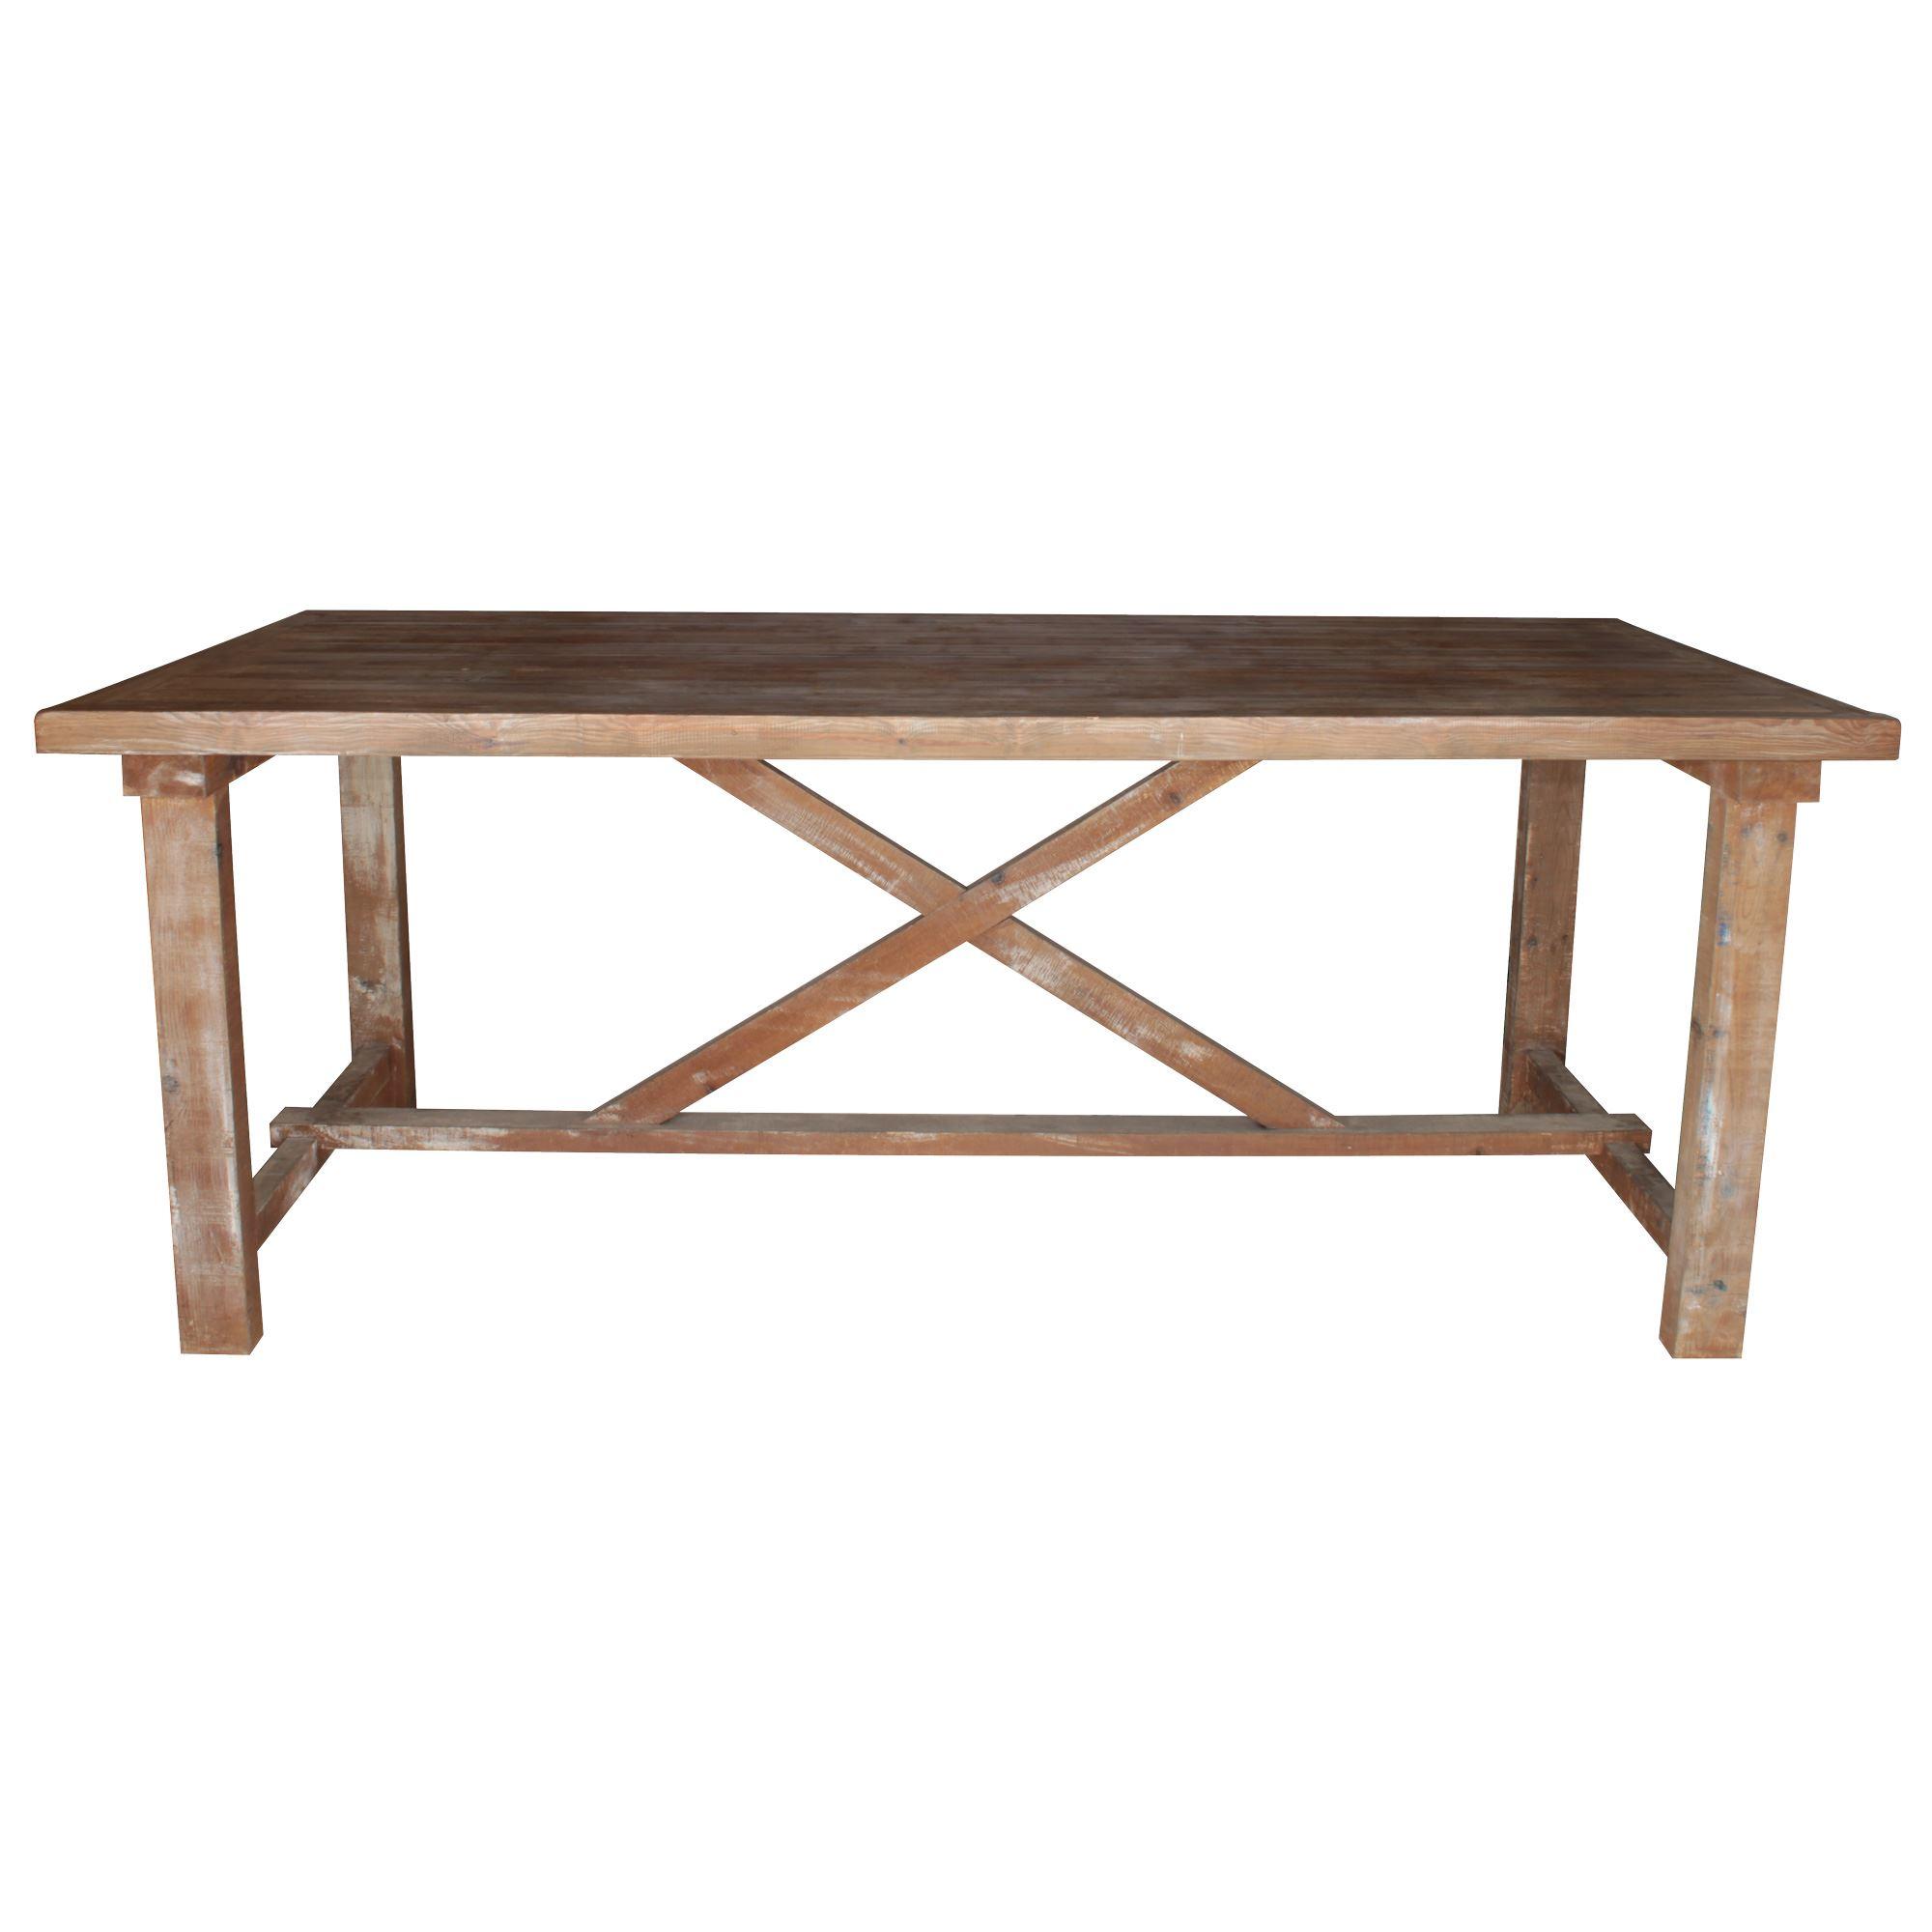 Neuf styles de tables parfaites pour votre salle à manger. Table Martina